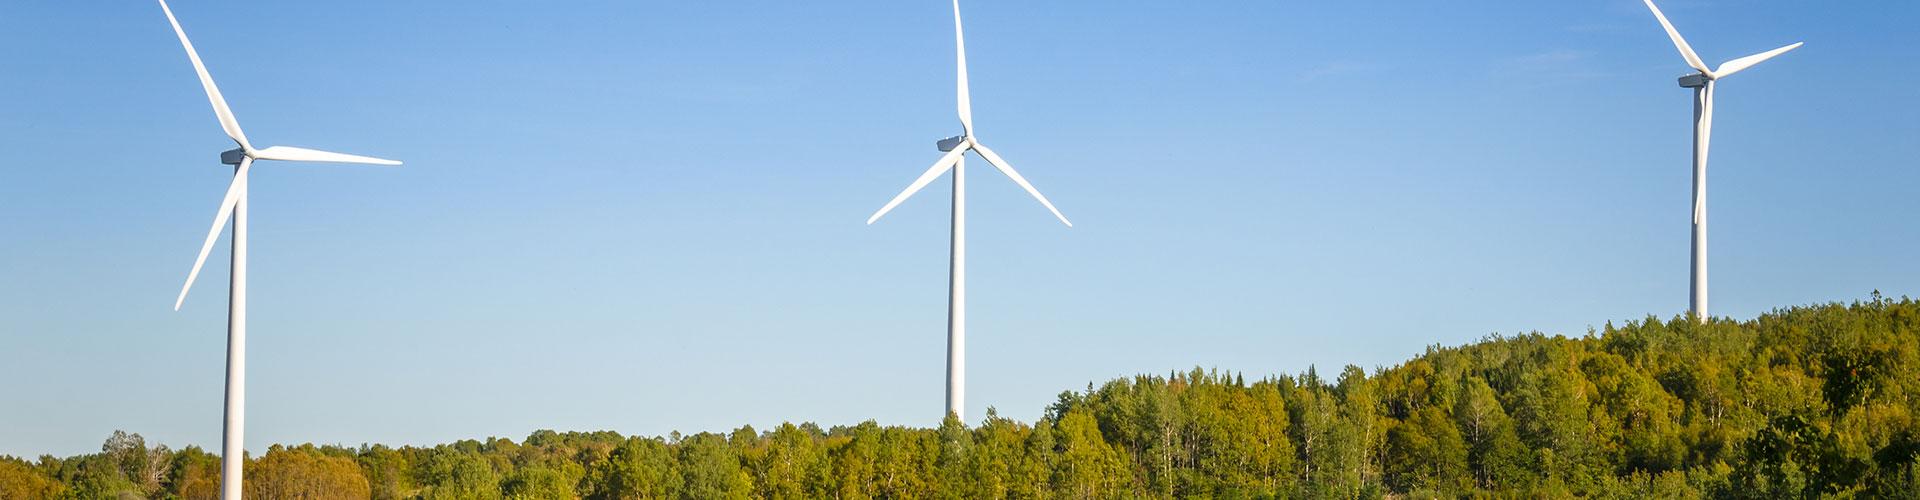 Windenergieanlagen auf einem Bergrücken. Foto: iStockphoto.com/Albert Pego